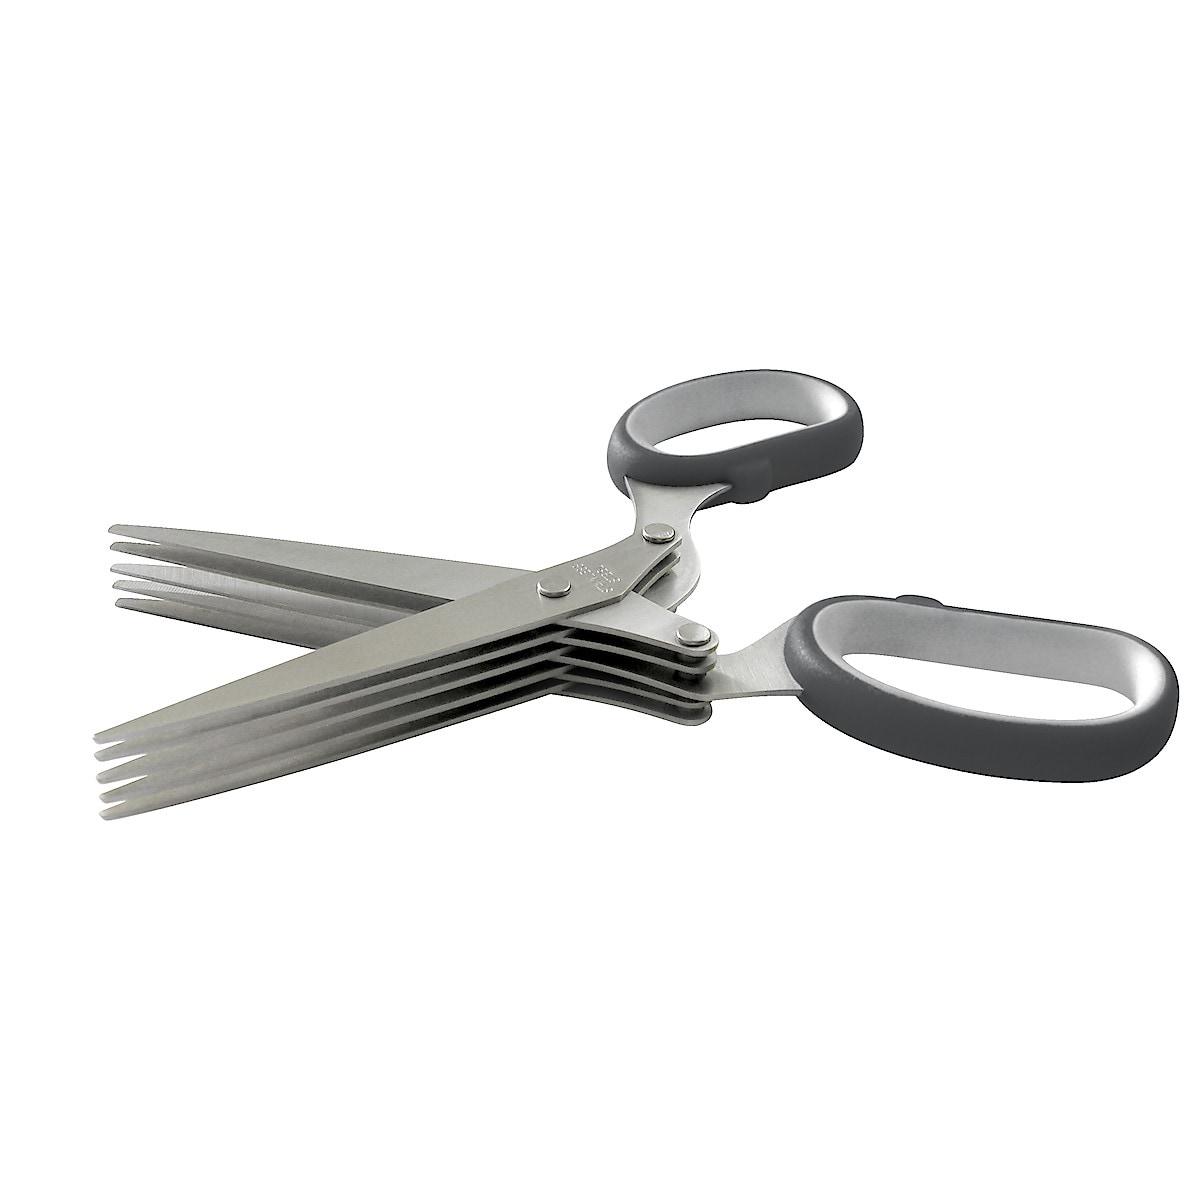 Coline Herb Scissors